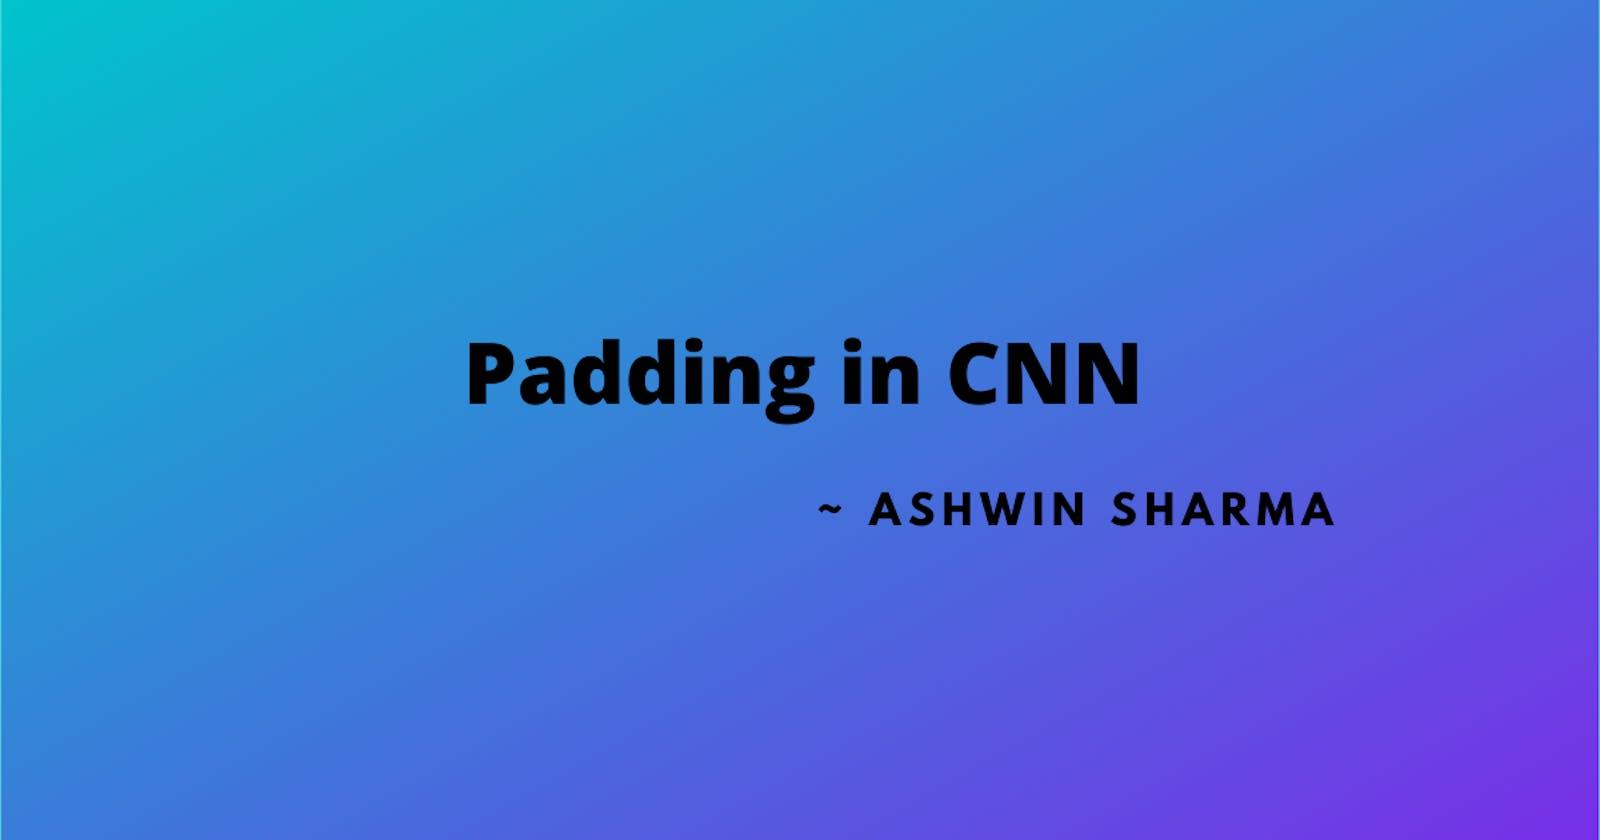 Padding in CNN